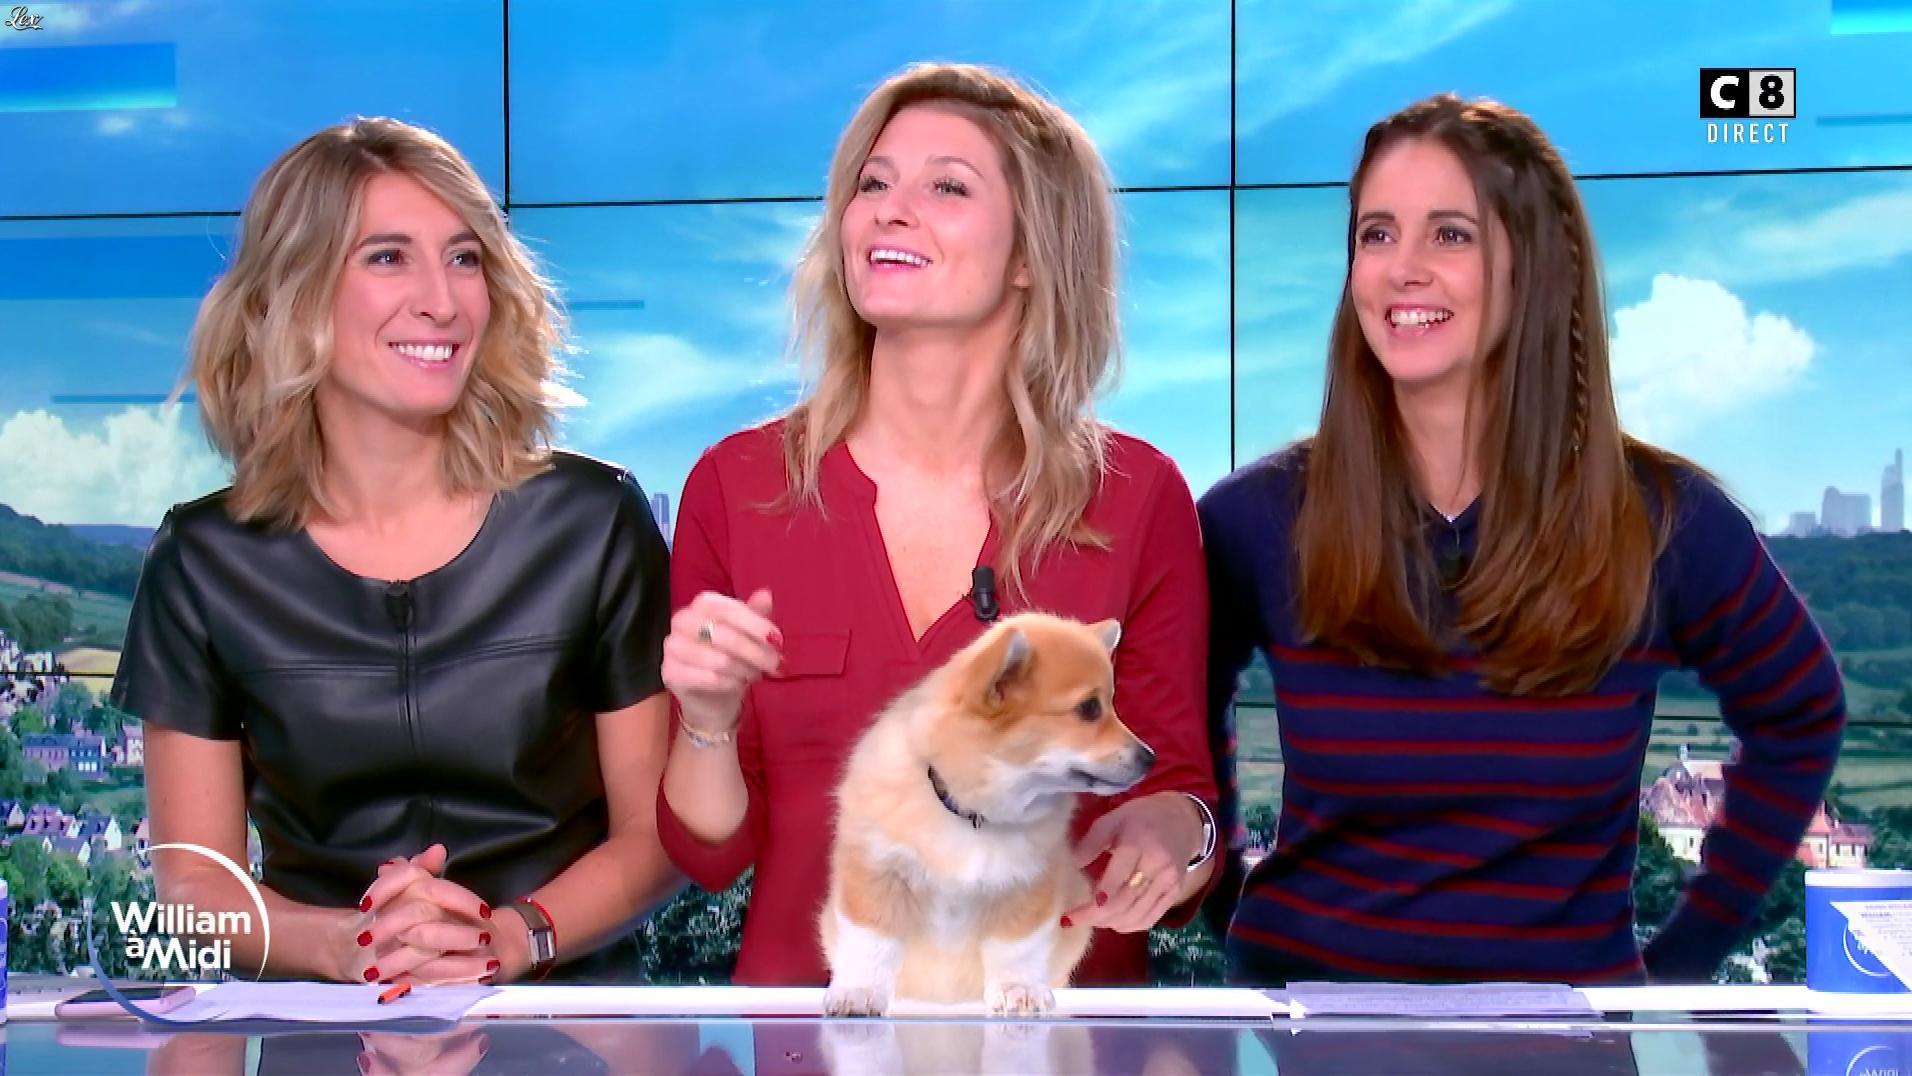 Caroline Delage et Caroline Munoz dans William à Midi. Diffusé à la télévision le 11/10/19.